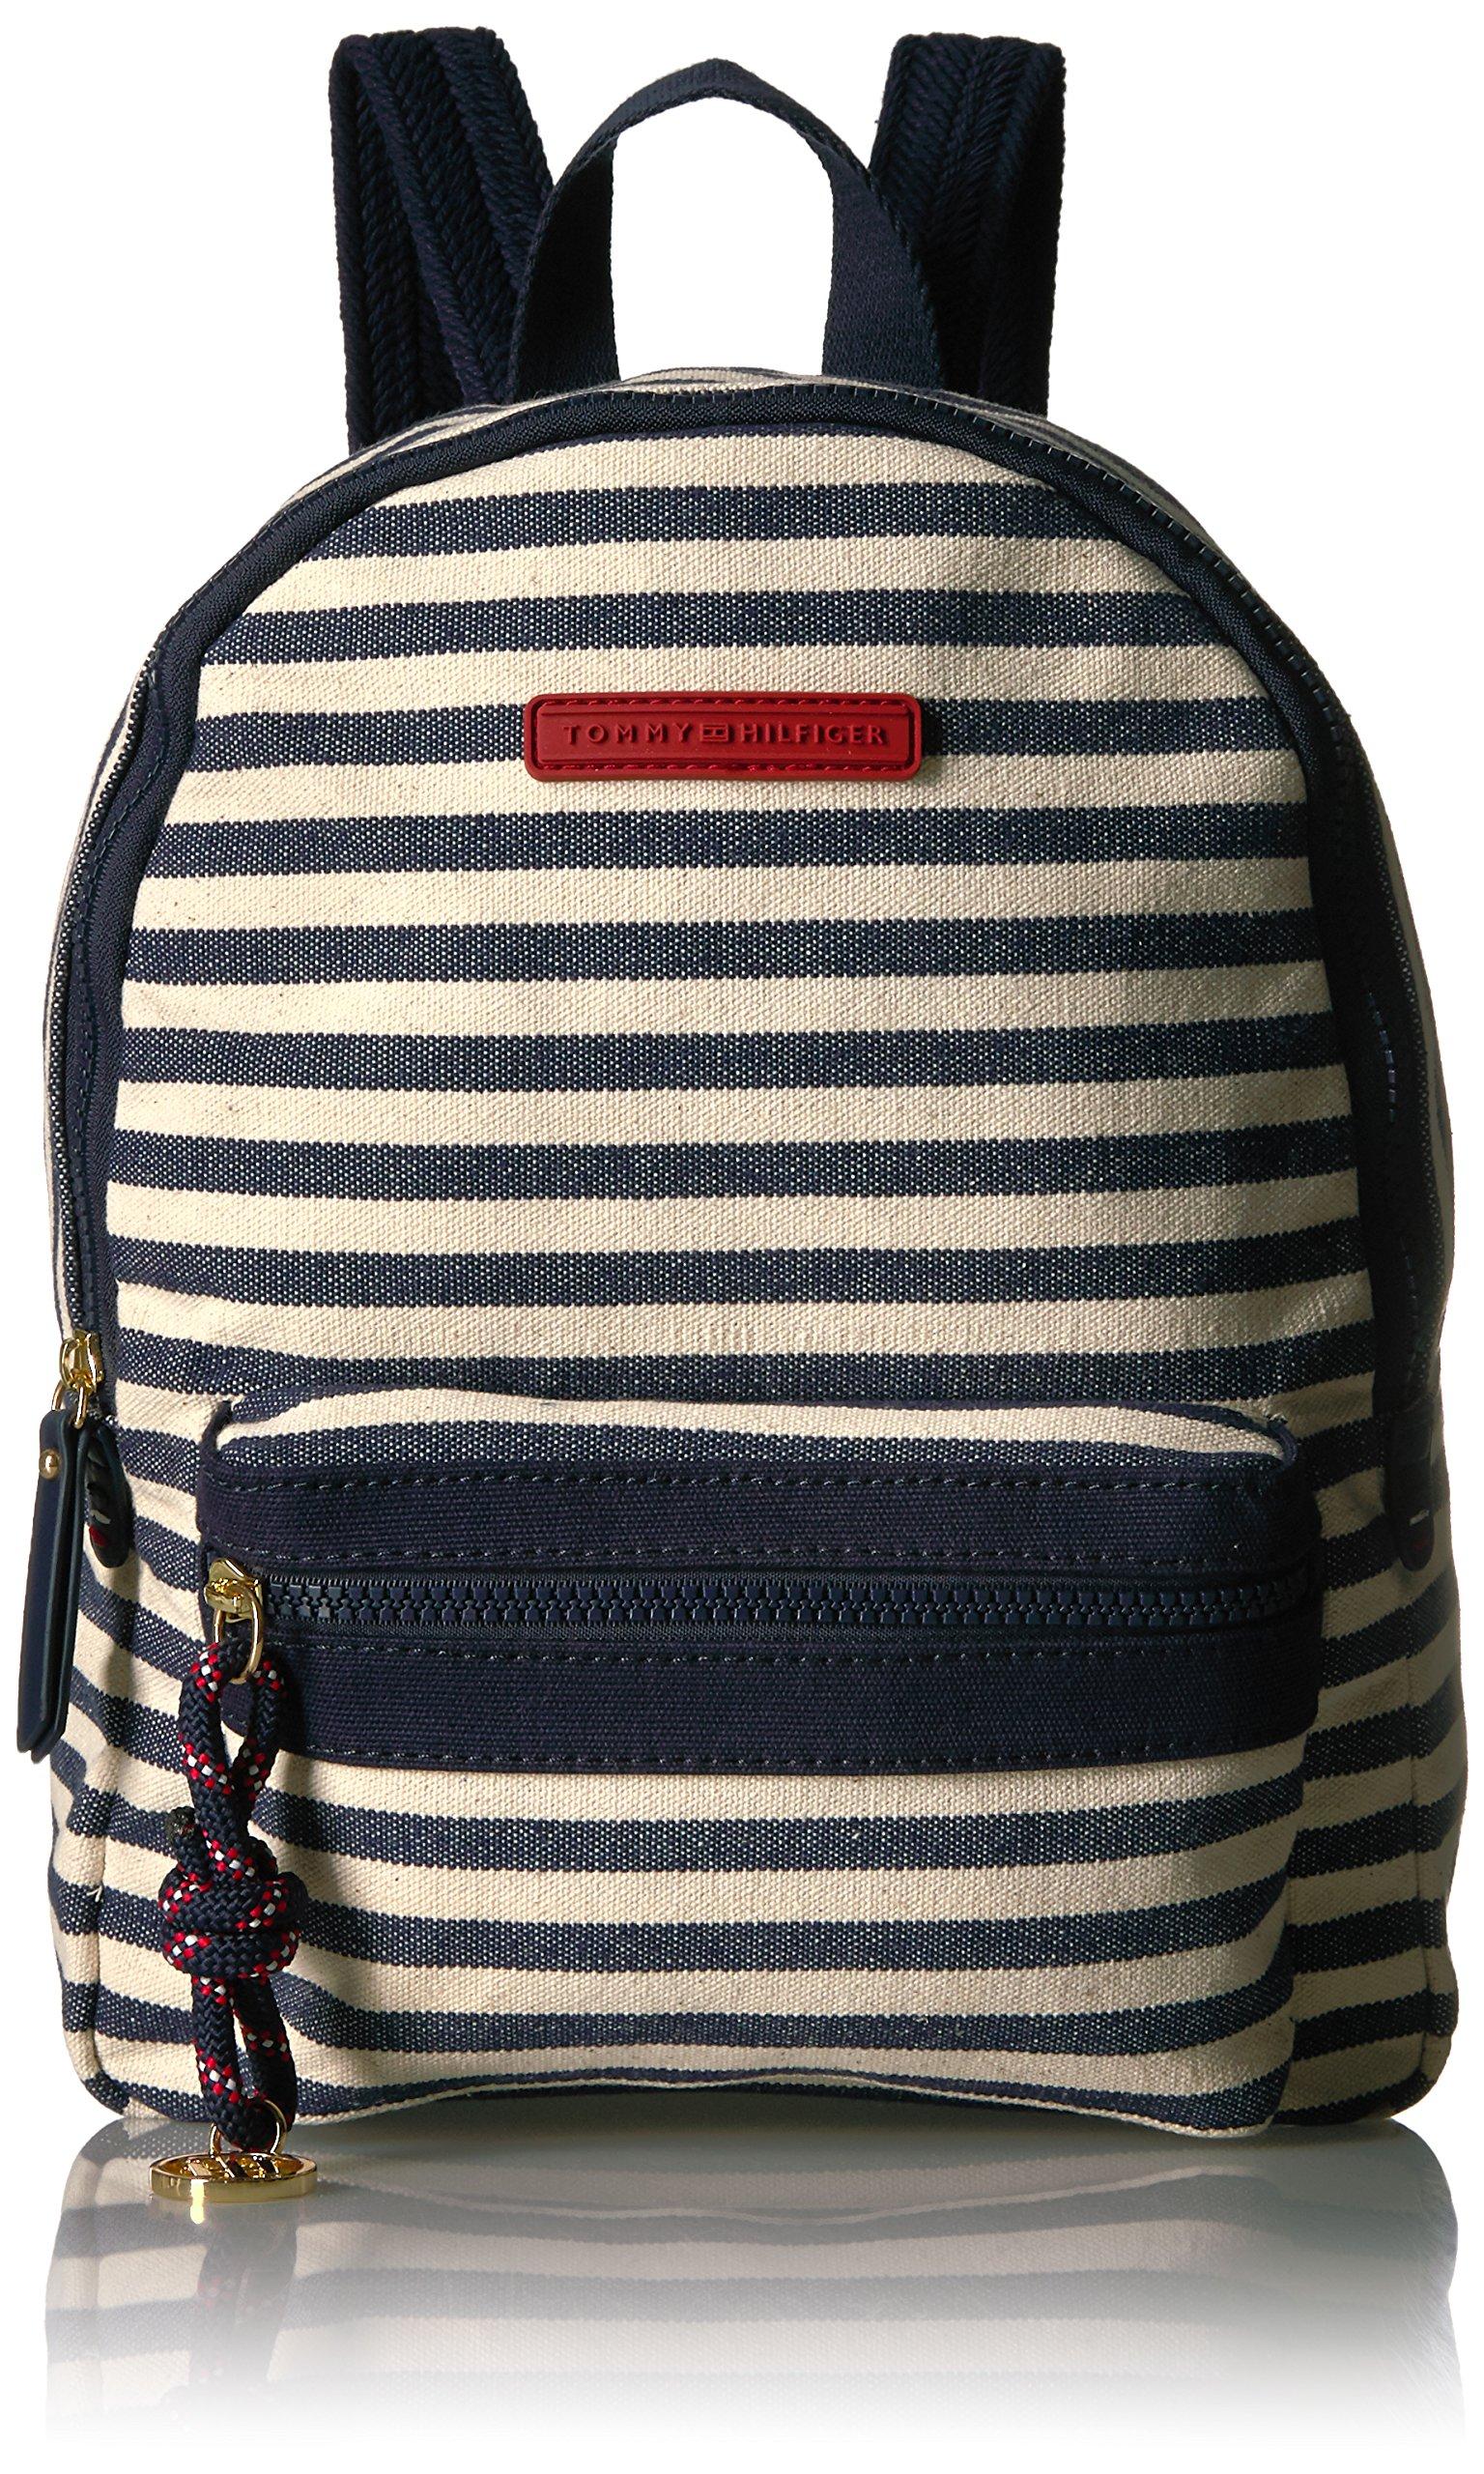 Tommy Hilfiger Backpack Dariana, Navy/Natural